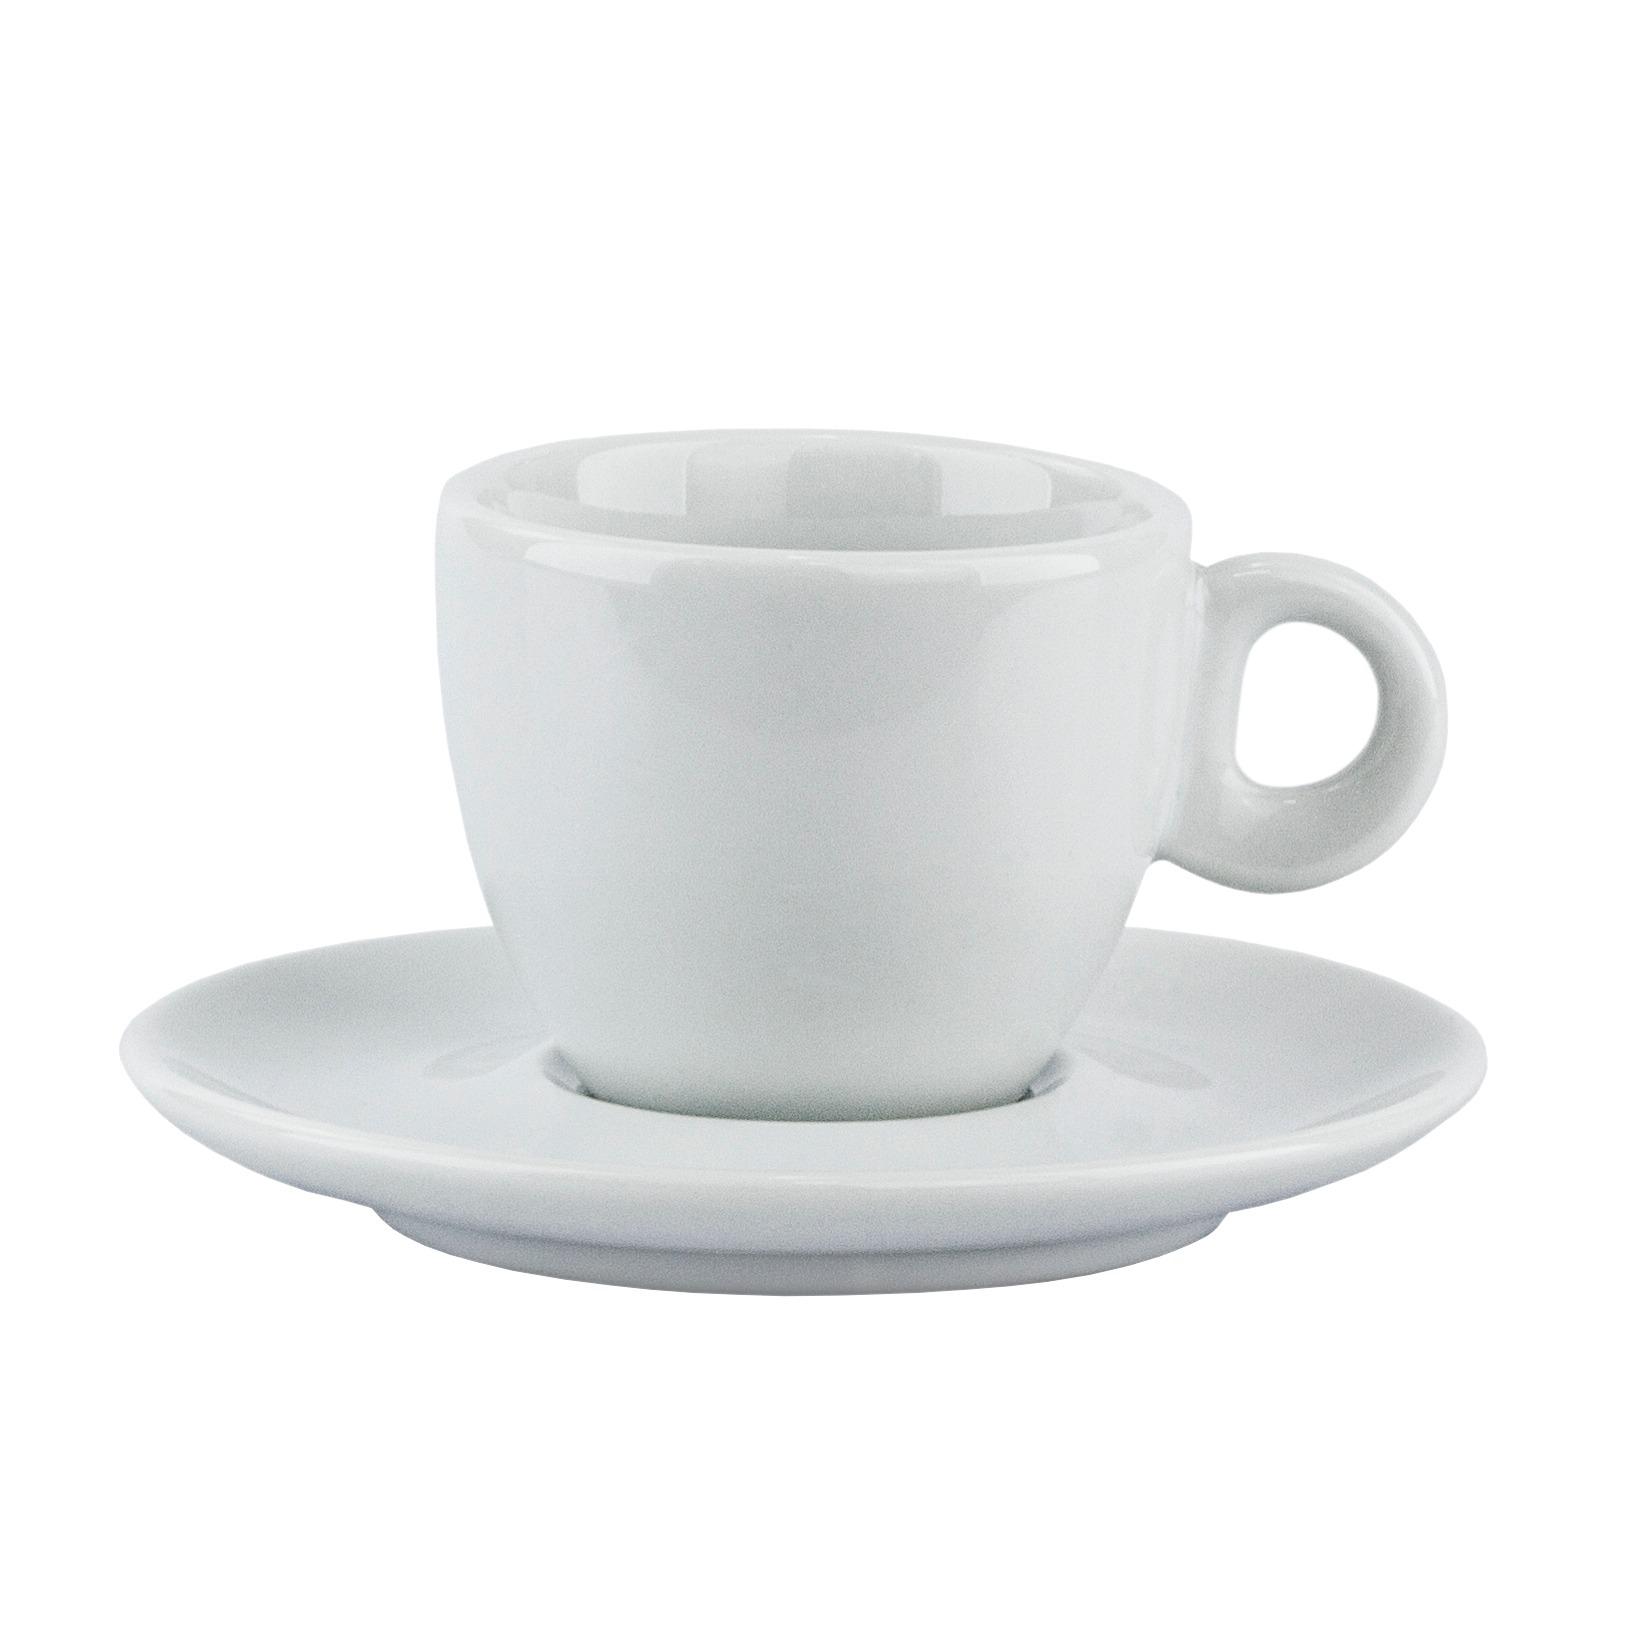 Xicara De Cafe Sofia De Porcelana 80ml Com Pires Branco - Schmidt